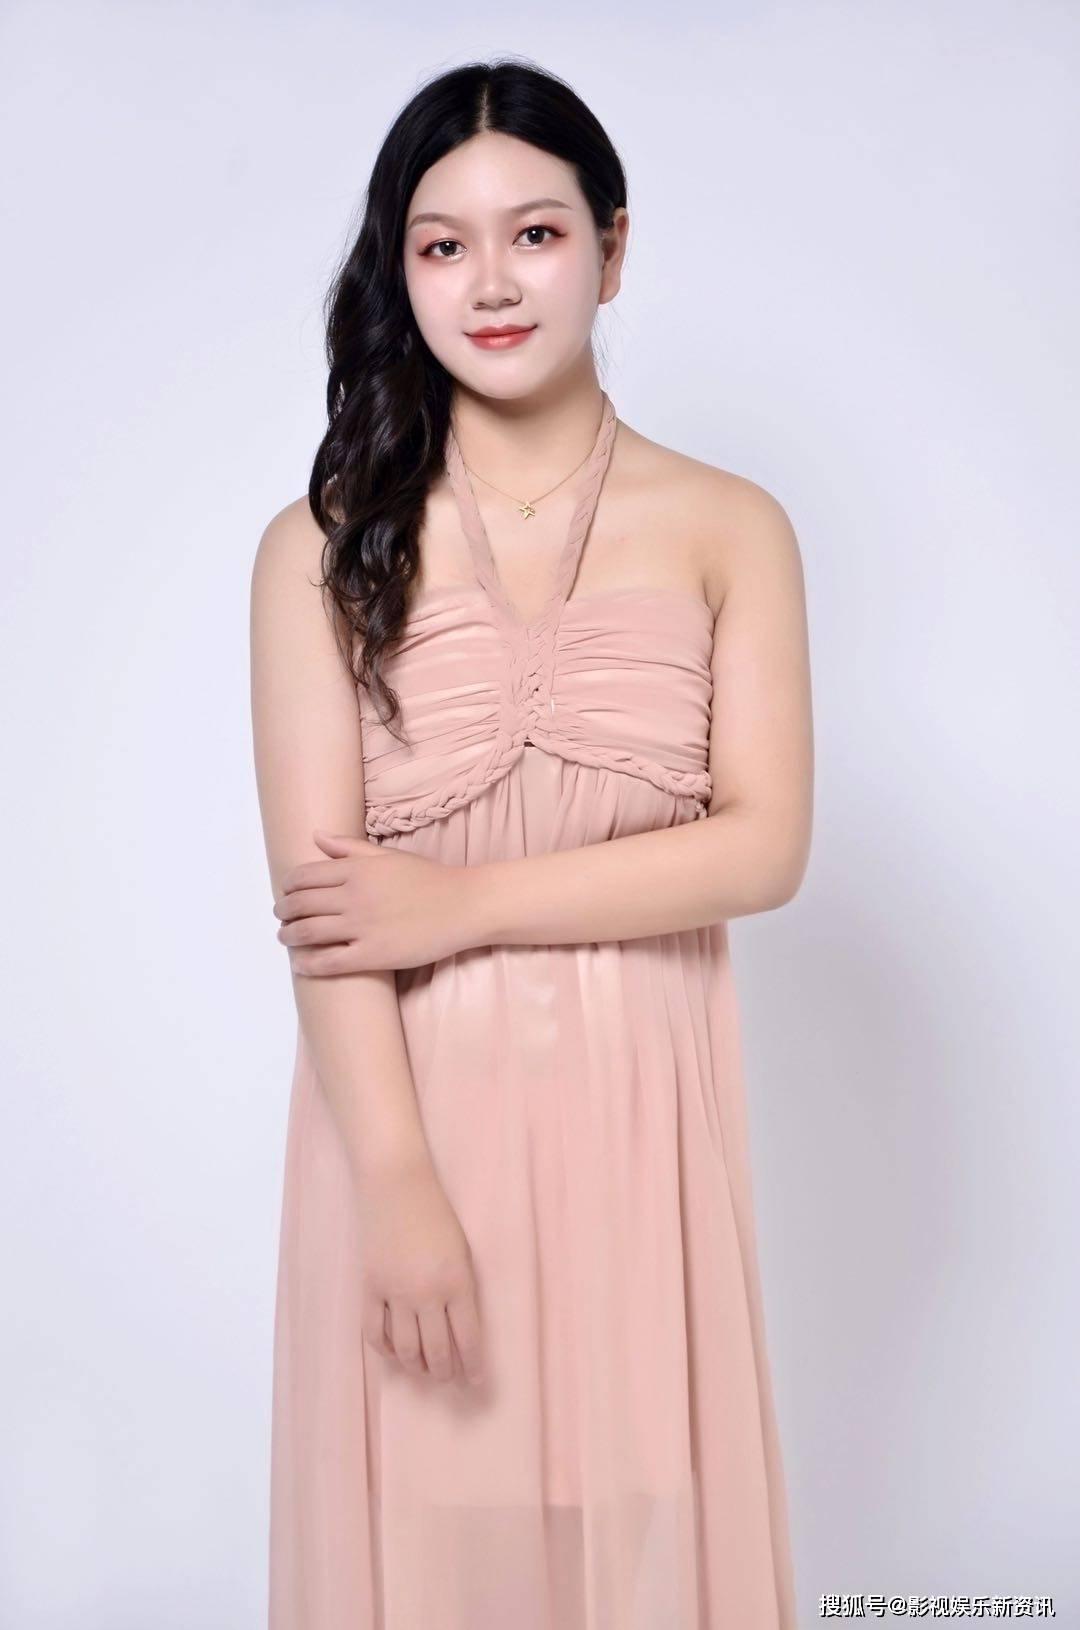 2019年荣获青年模特才艺大赛优秀奖,近年一直给多家服饰公司代言.